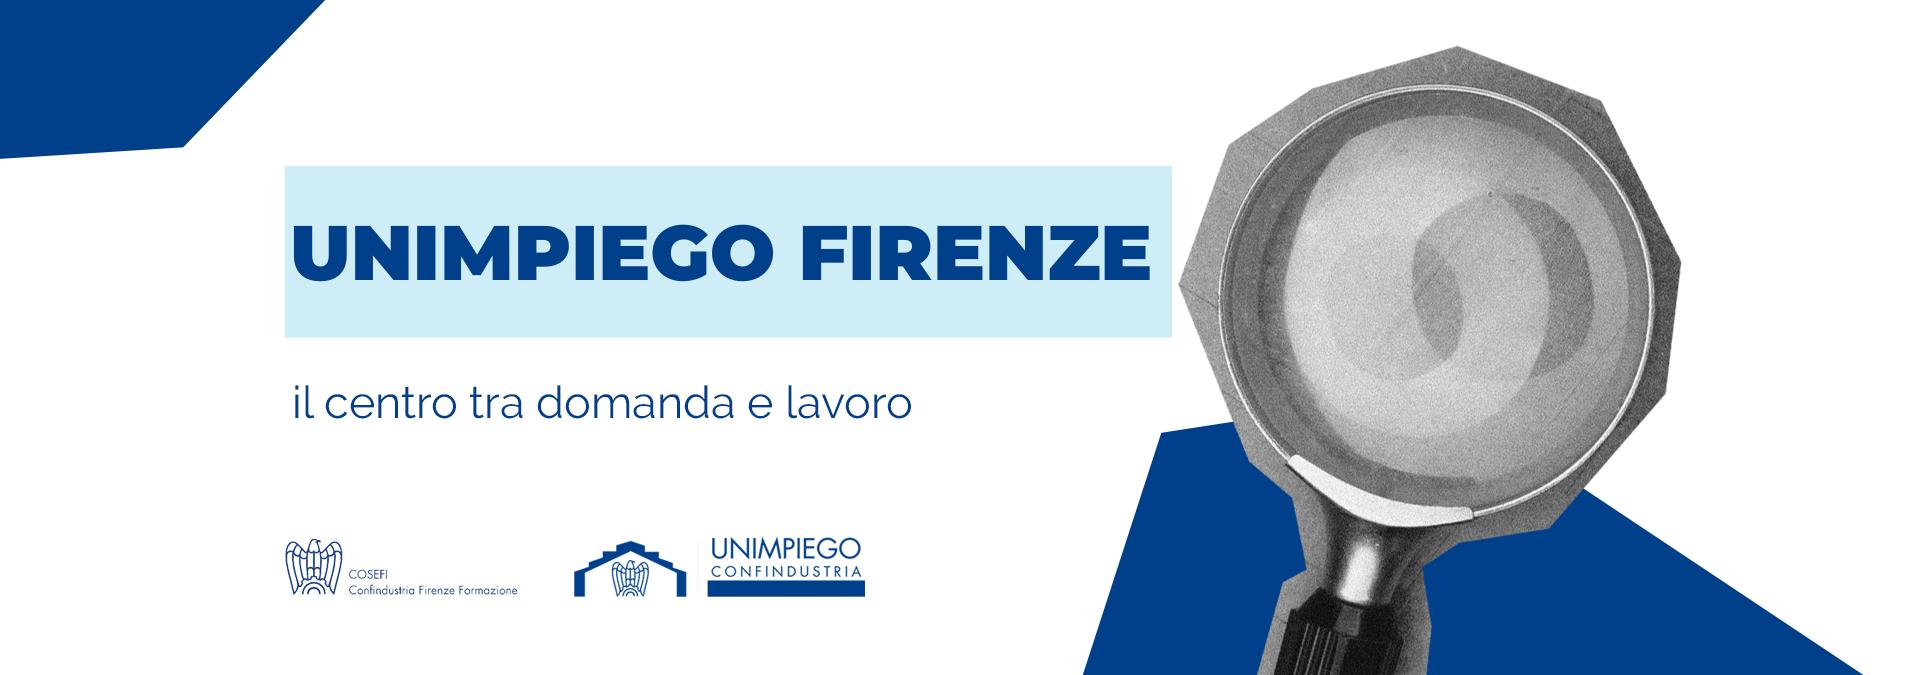 Unimpiego Firenze header